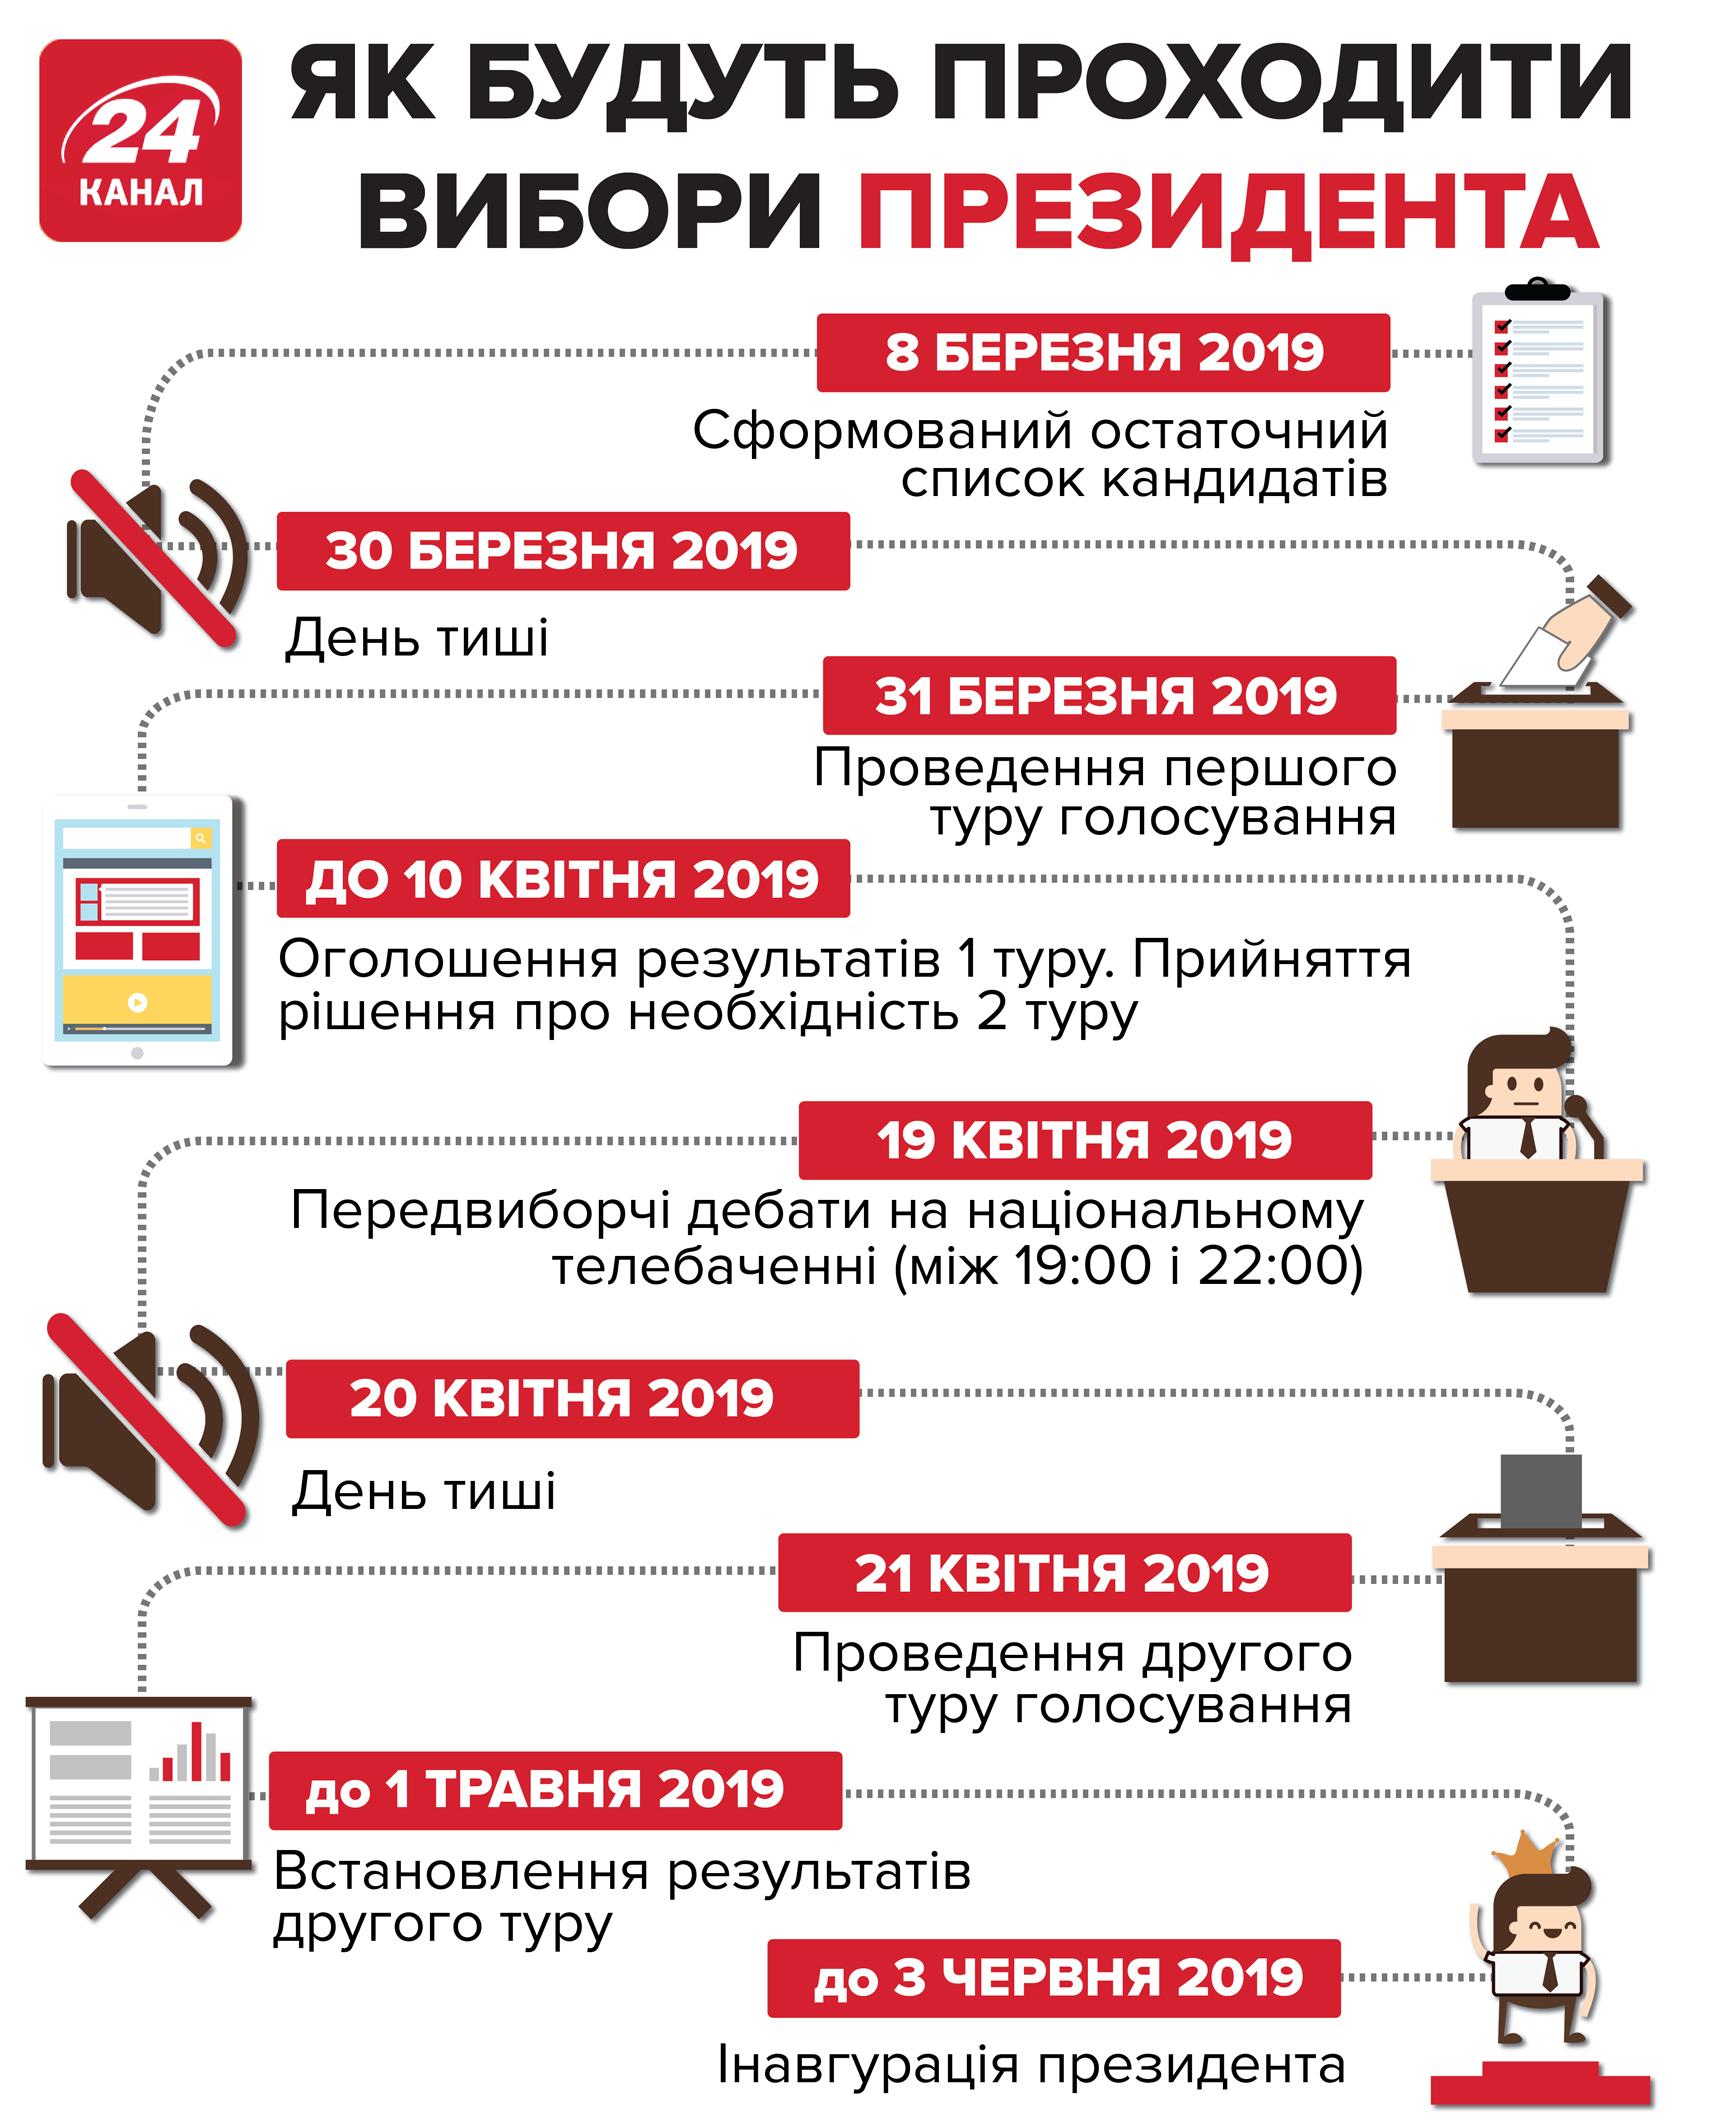 вибори президента України дата коли як пройдуть коли початок голосування